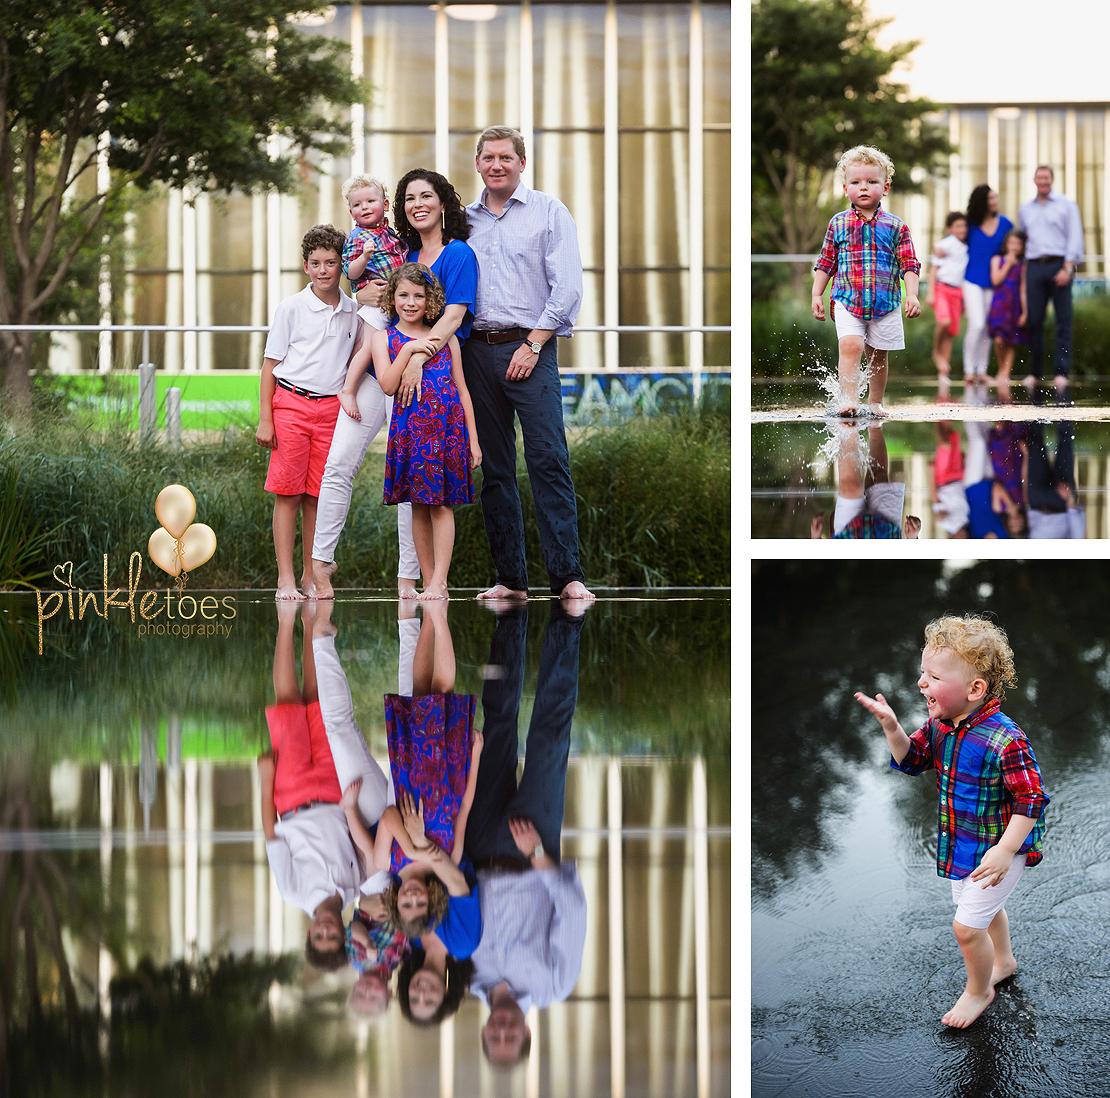 dallas-austin-urban-family-lifestyle-kids-photographer-029